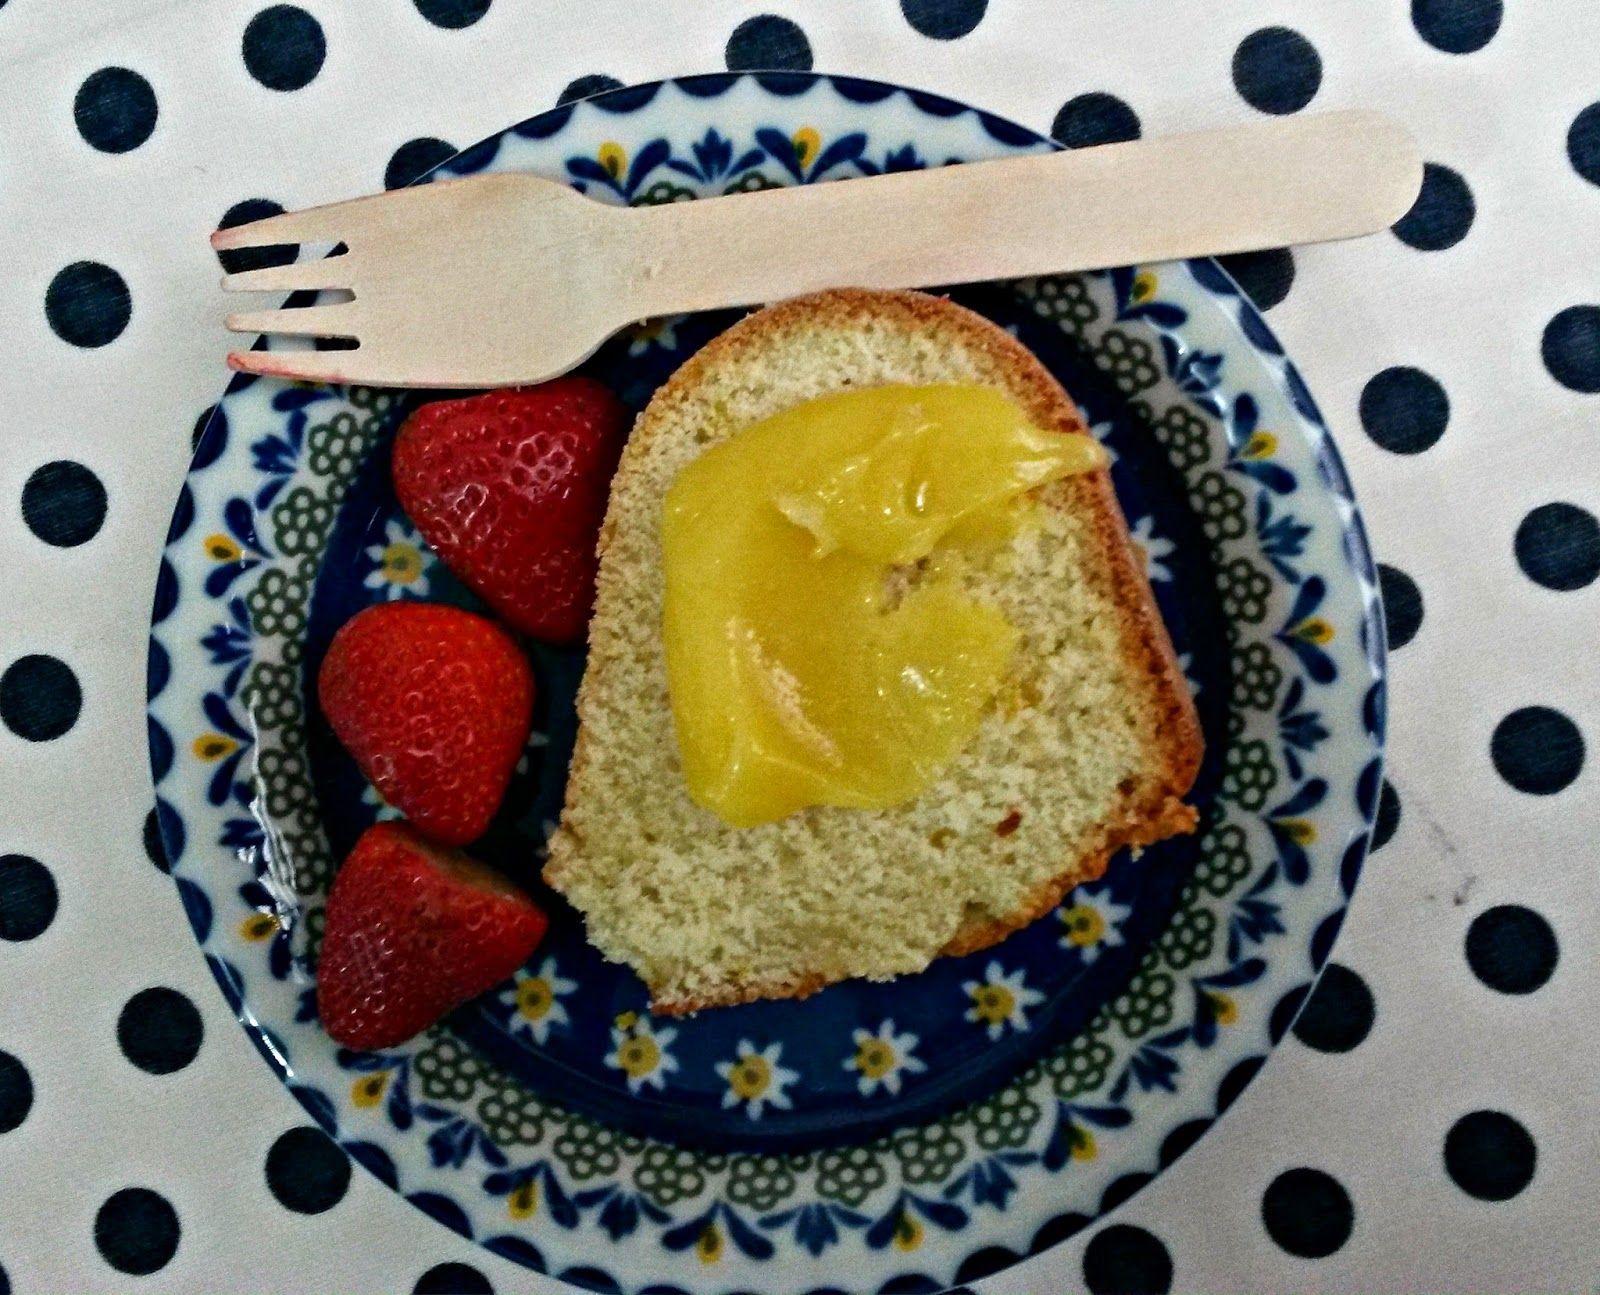 ana sinhana: Lemon curd, o azedinho doce!